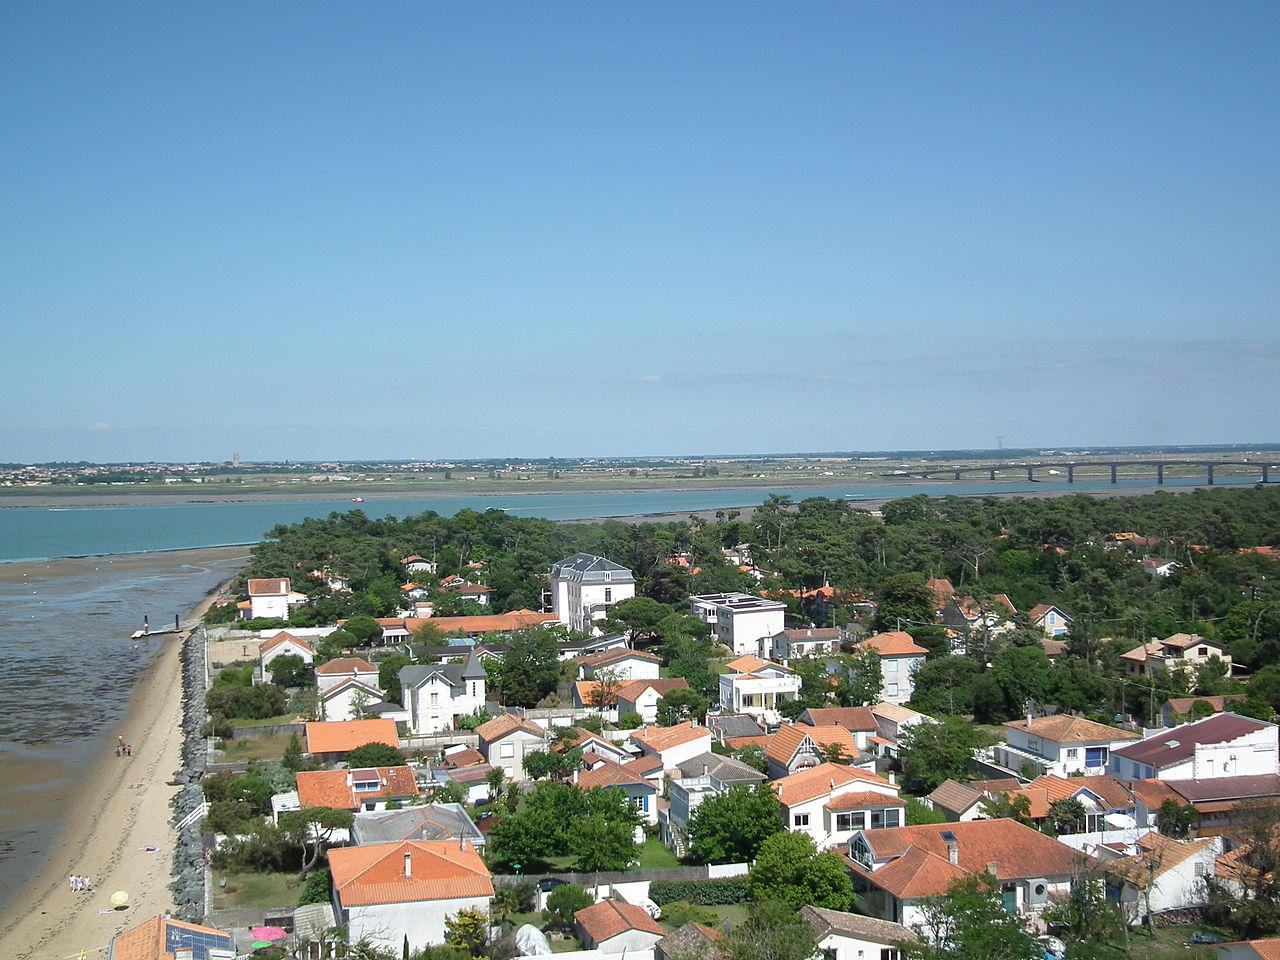 Location chalet charente maritime - Office de tourisme de ronce les bains ...